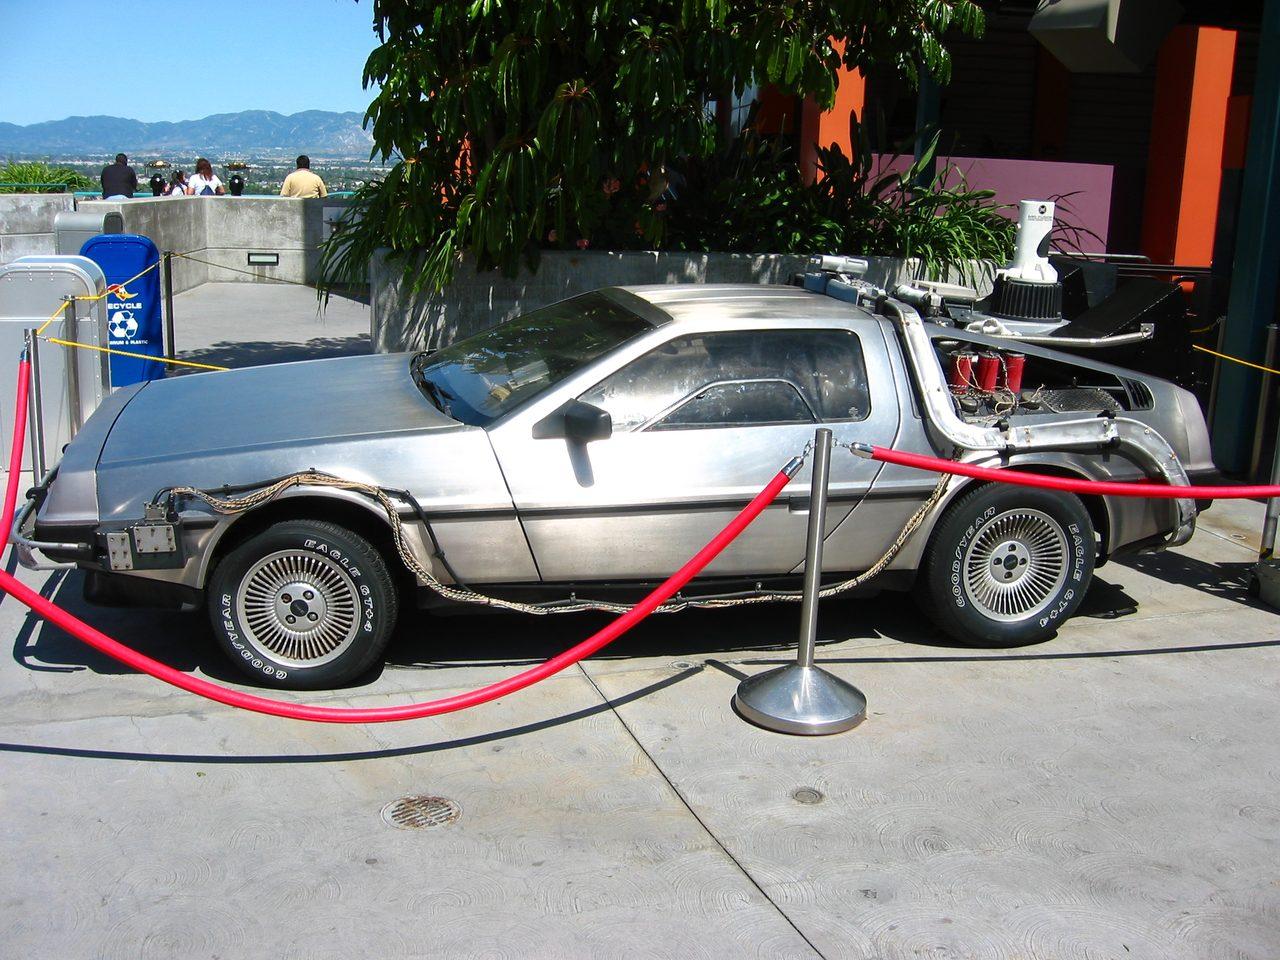 画像: ユニバーサル・スタジオ・ハリウッドで展示されているタイムマシン仕様のデロリアン upload.wikimedia.org